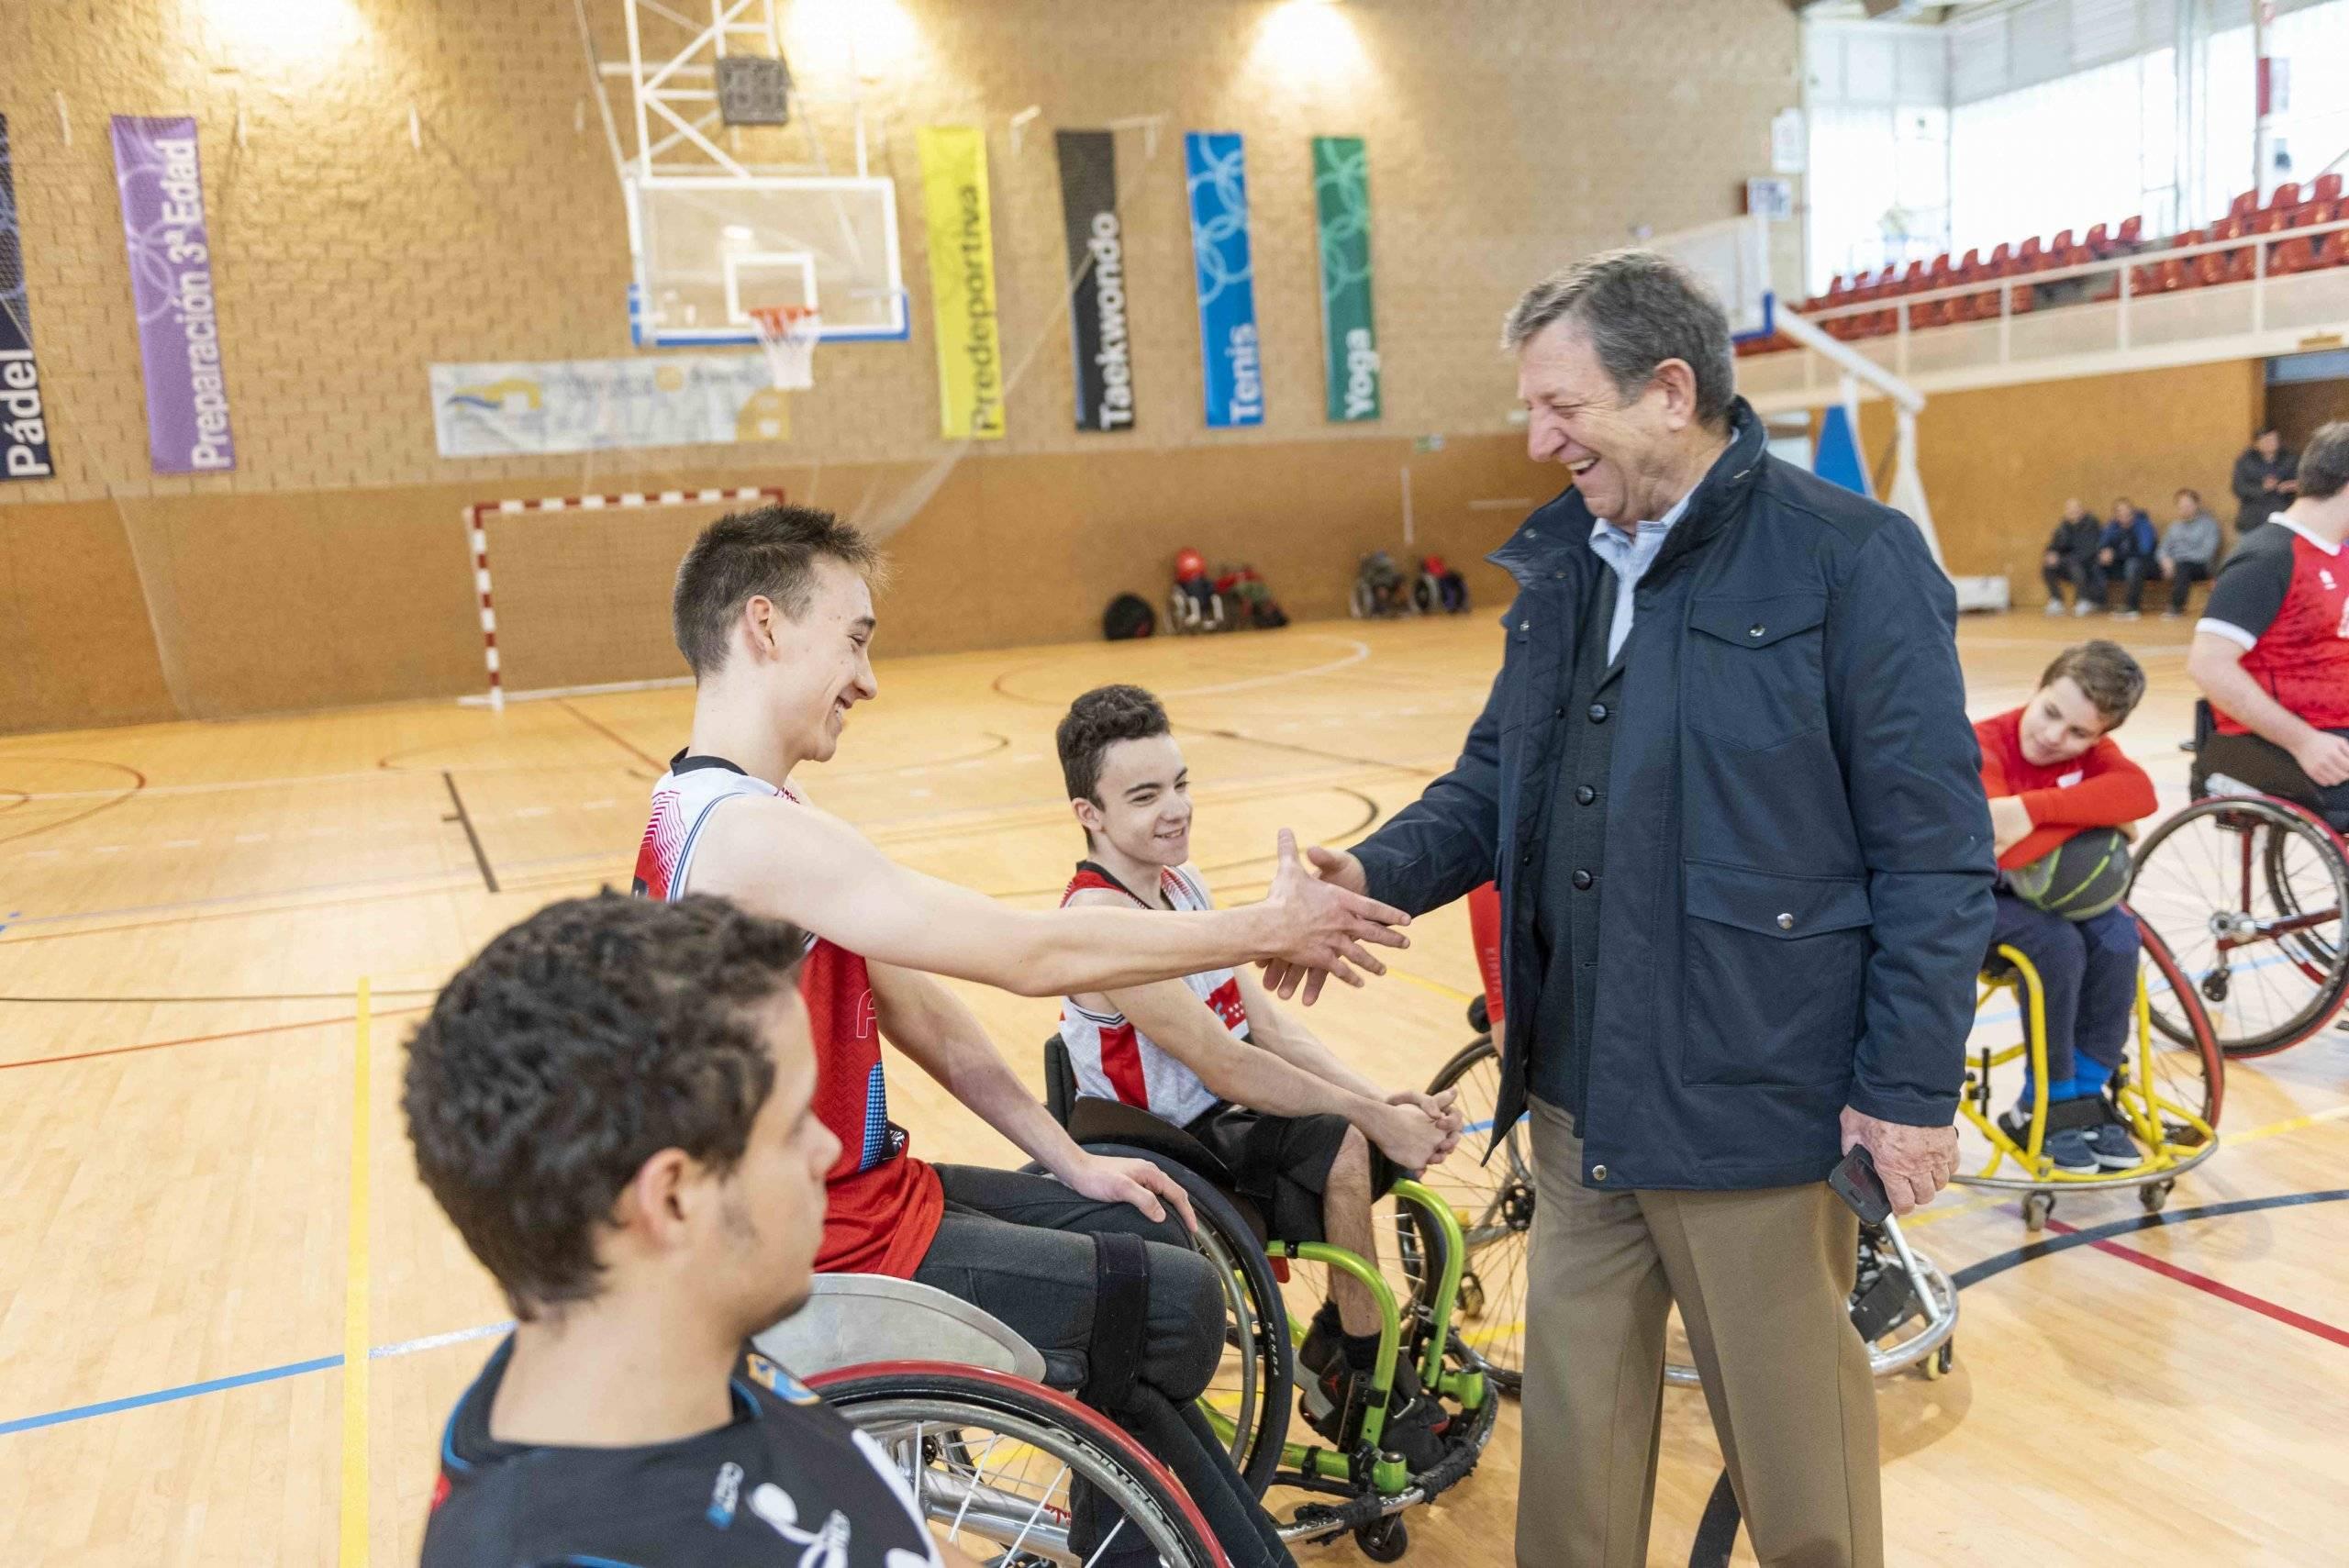 El alcalde, Luis Partida, saludando a los integrantes del equipo de baloncesto.